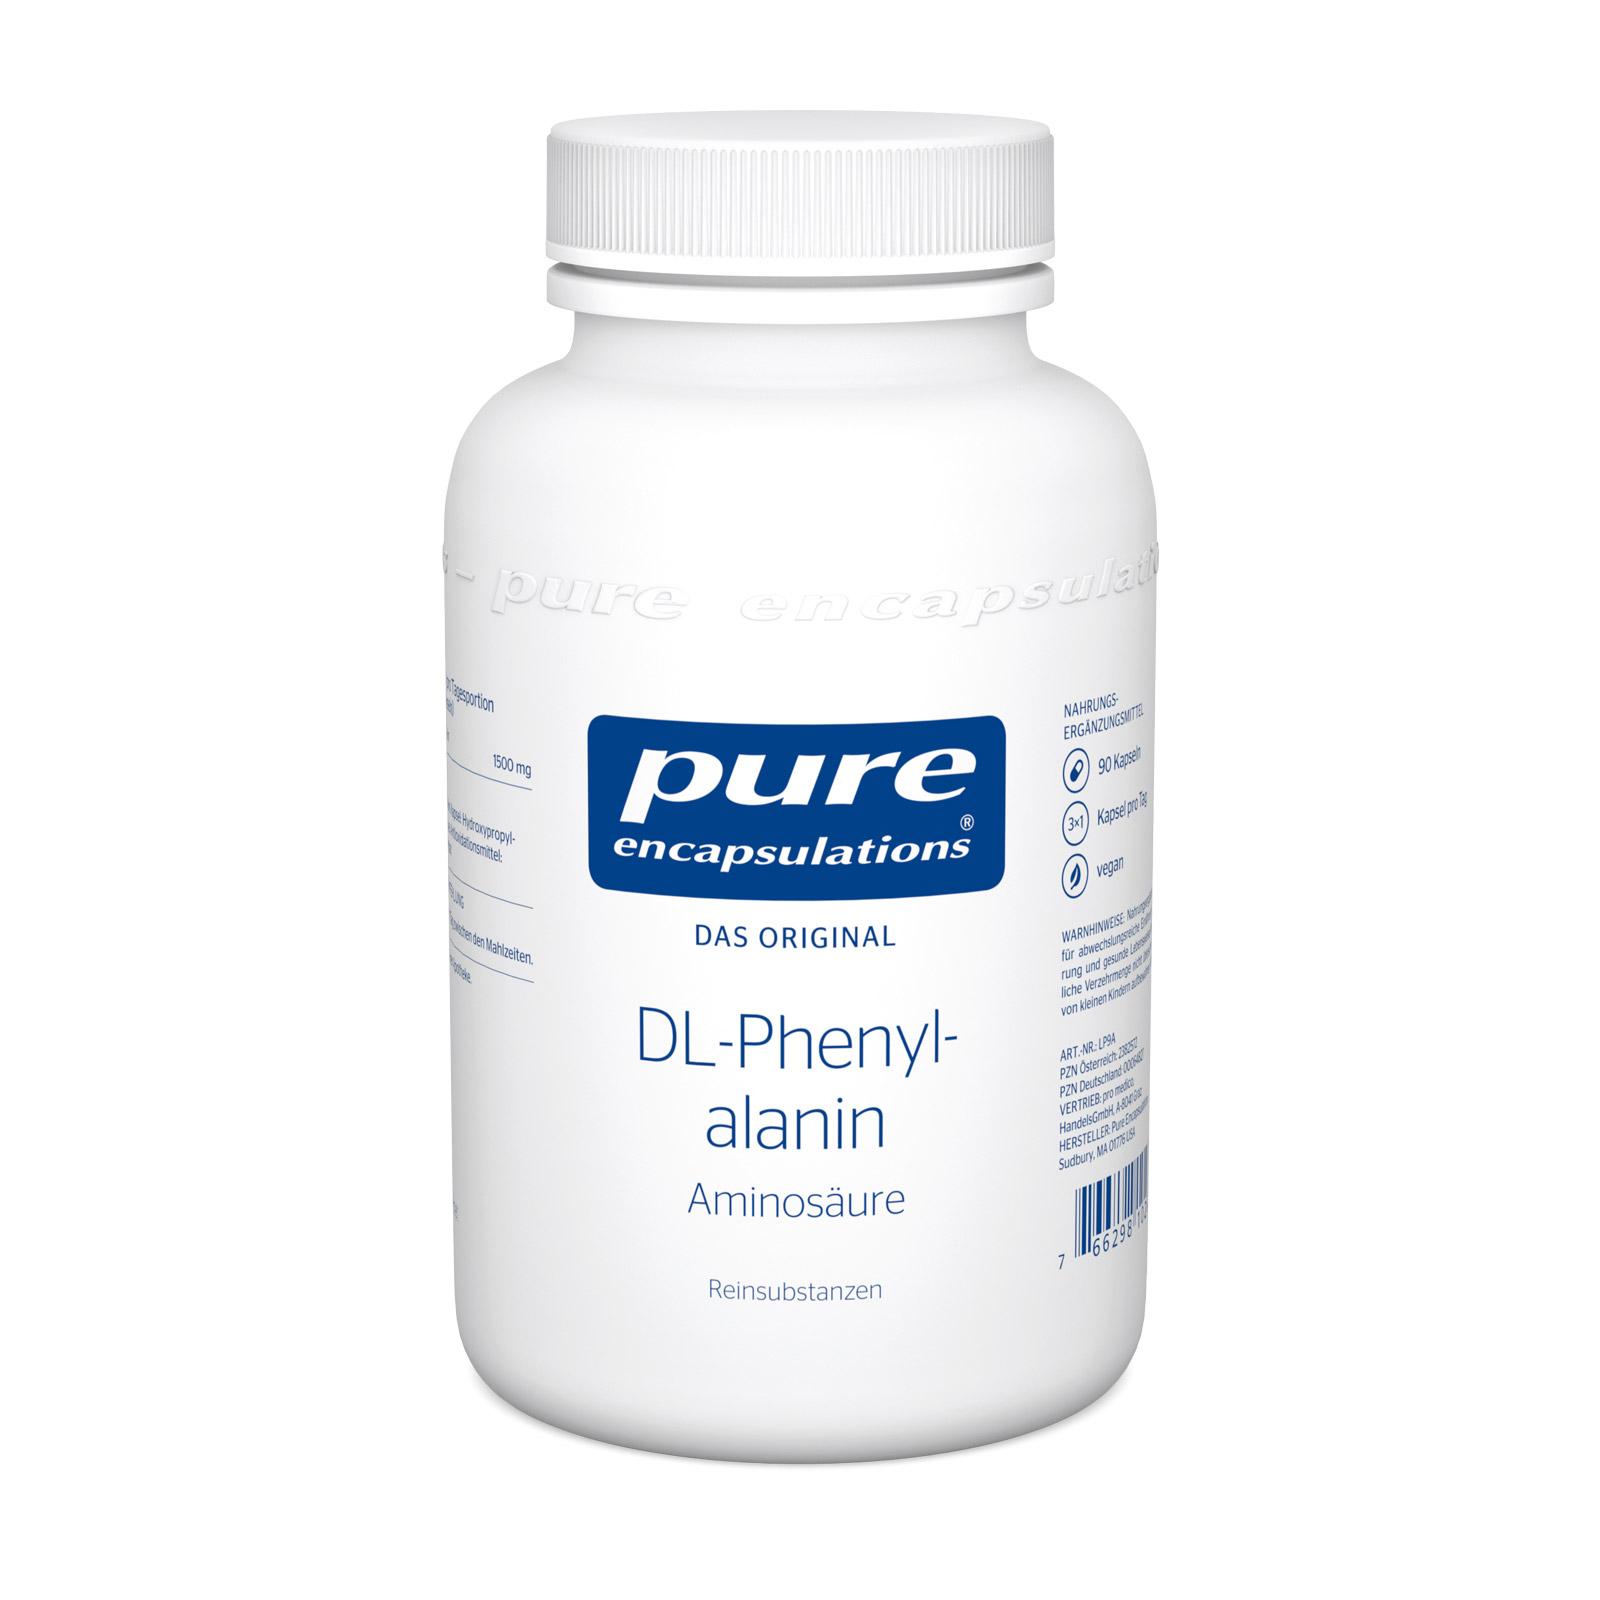 Pure Encapsulations® DL-Phenylalanin